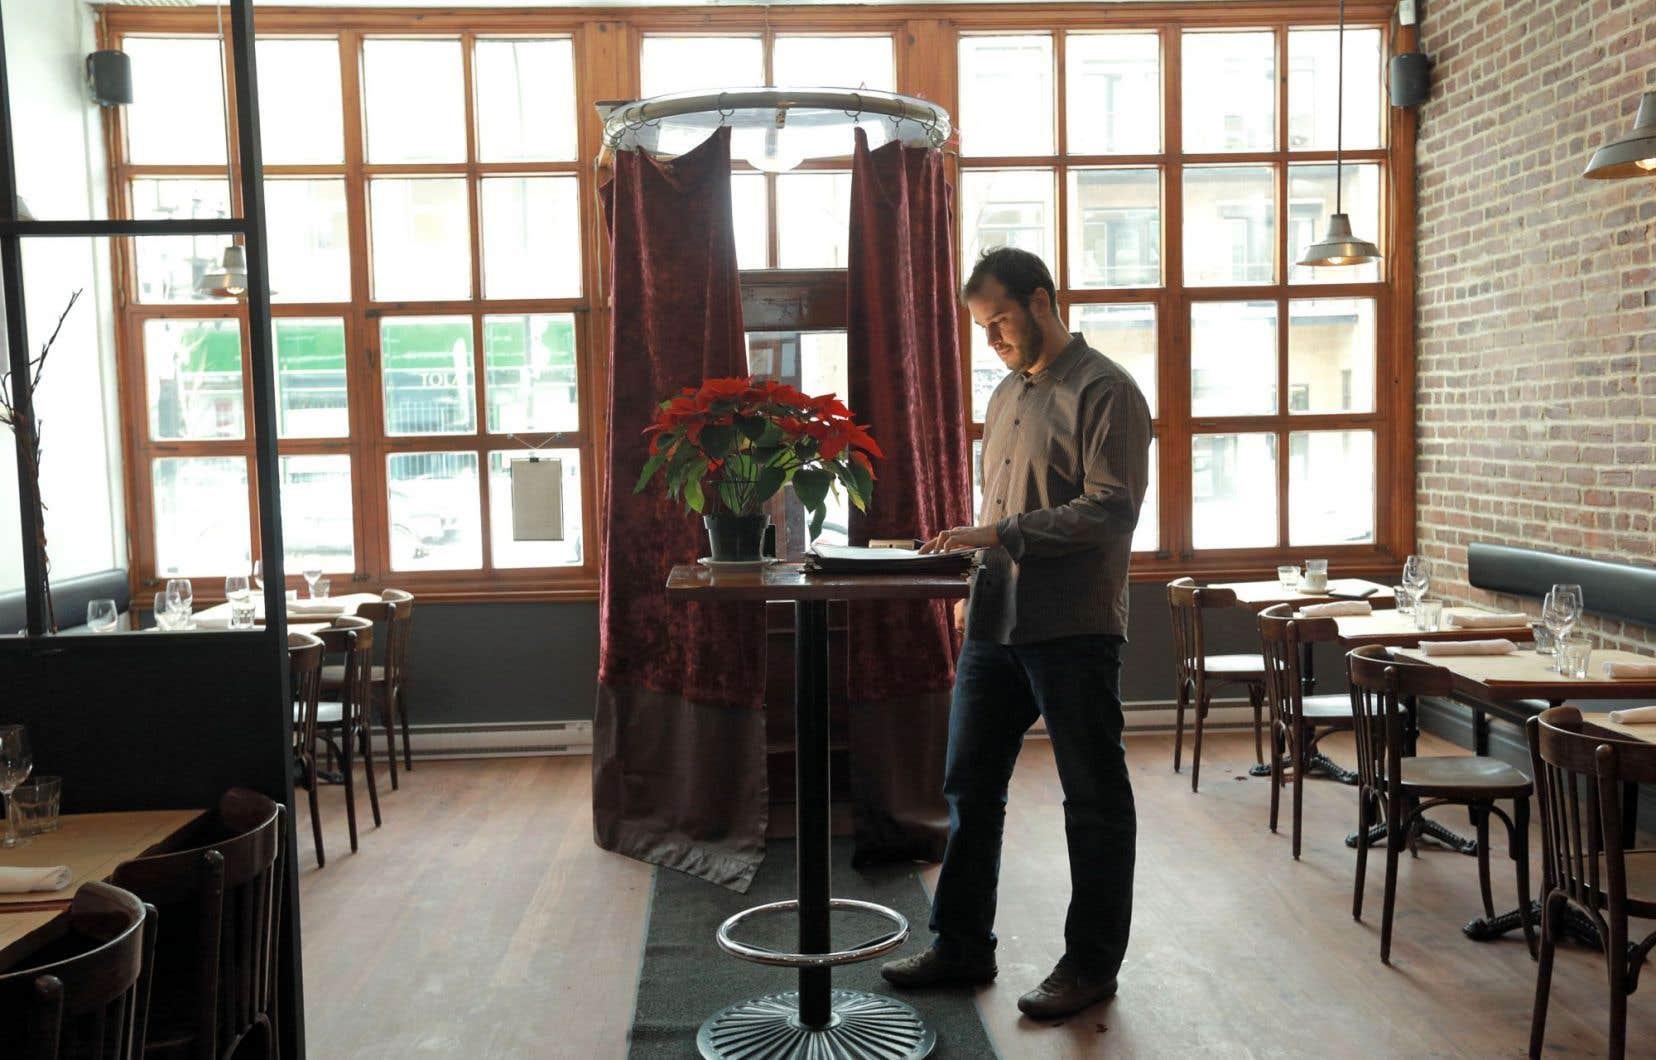 Le restaurant Wilfrid sur Laurier est une très intéressante addition à la brochette de bonnes adresses de cette avenue qui demeure, au fil des ans, une destination prisée pour qui aime les tables de qualité.